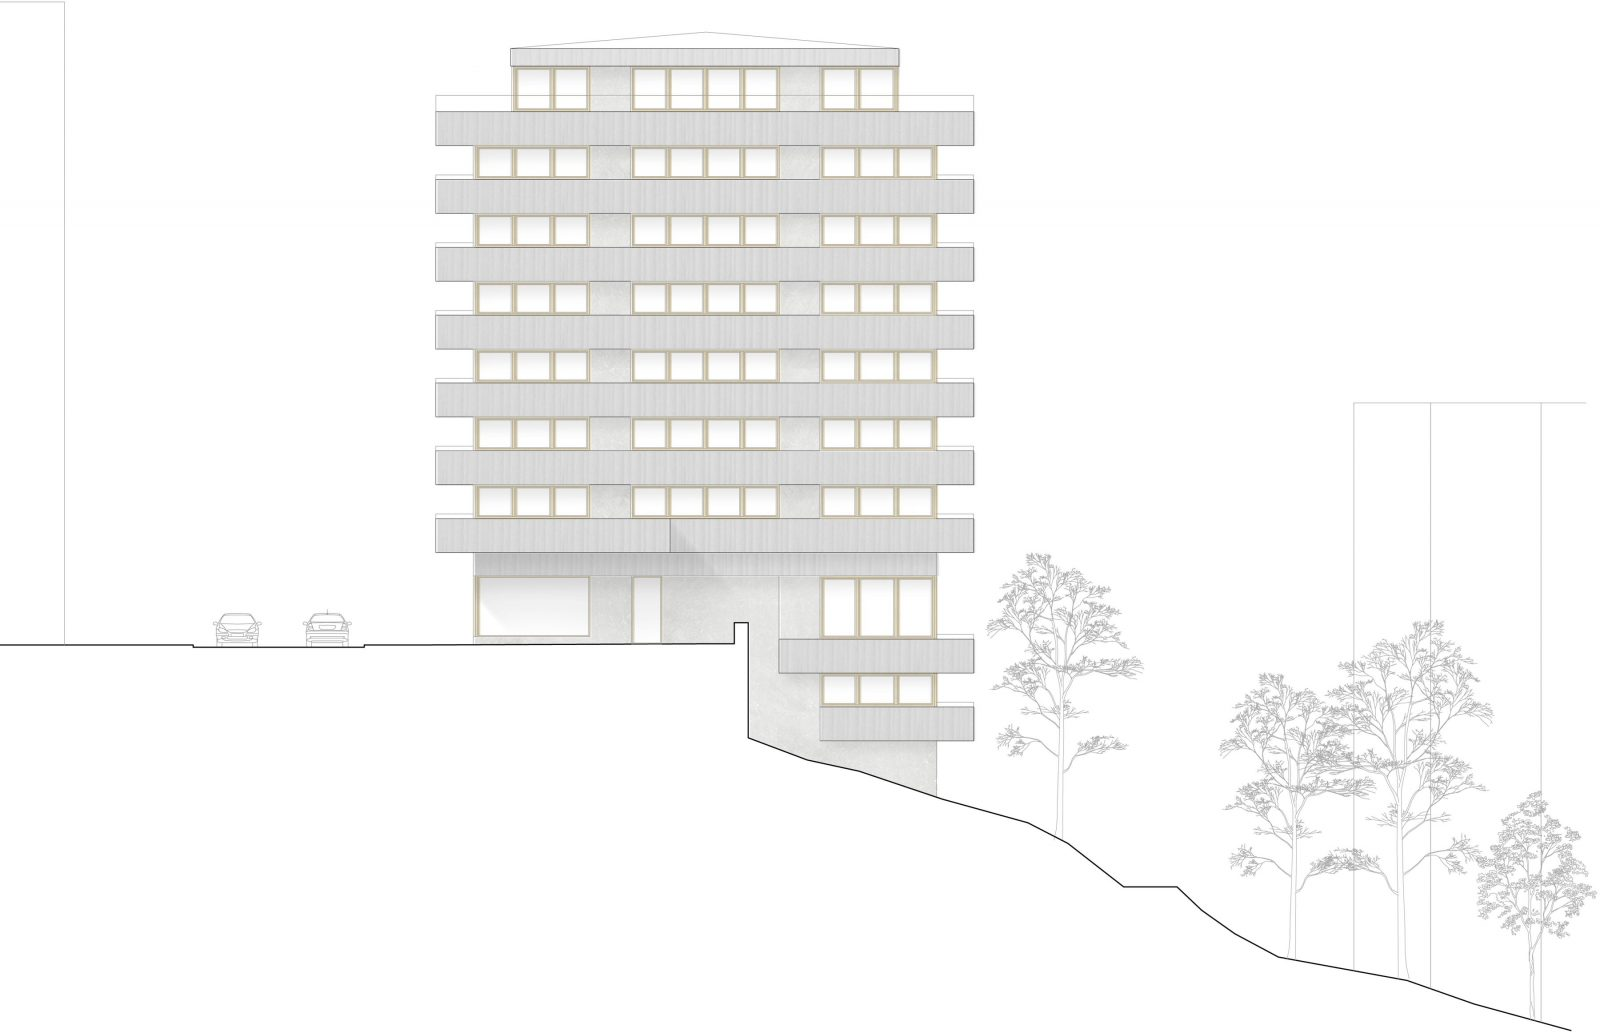 P:ProjektBergsbrantenAModellHus1 elevationer Model (1)